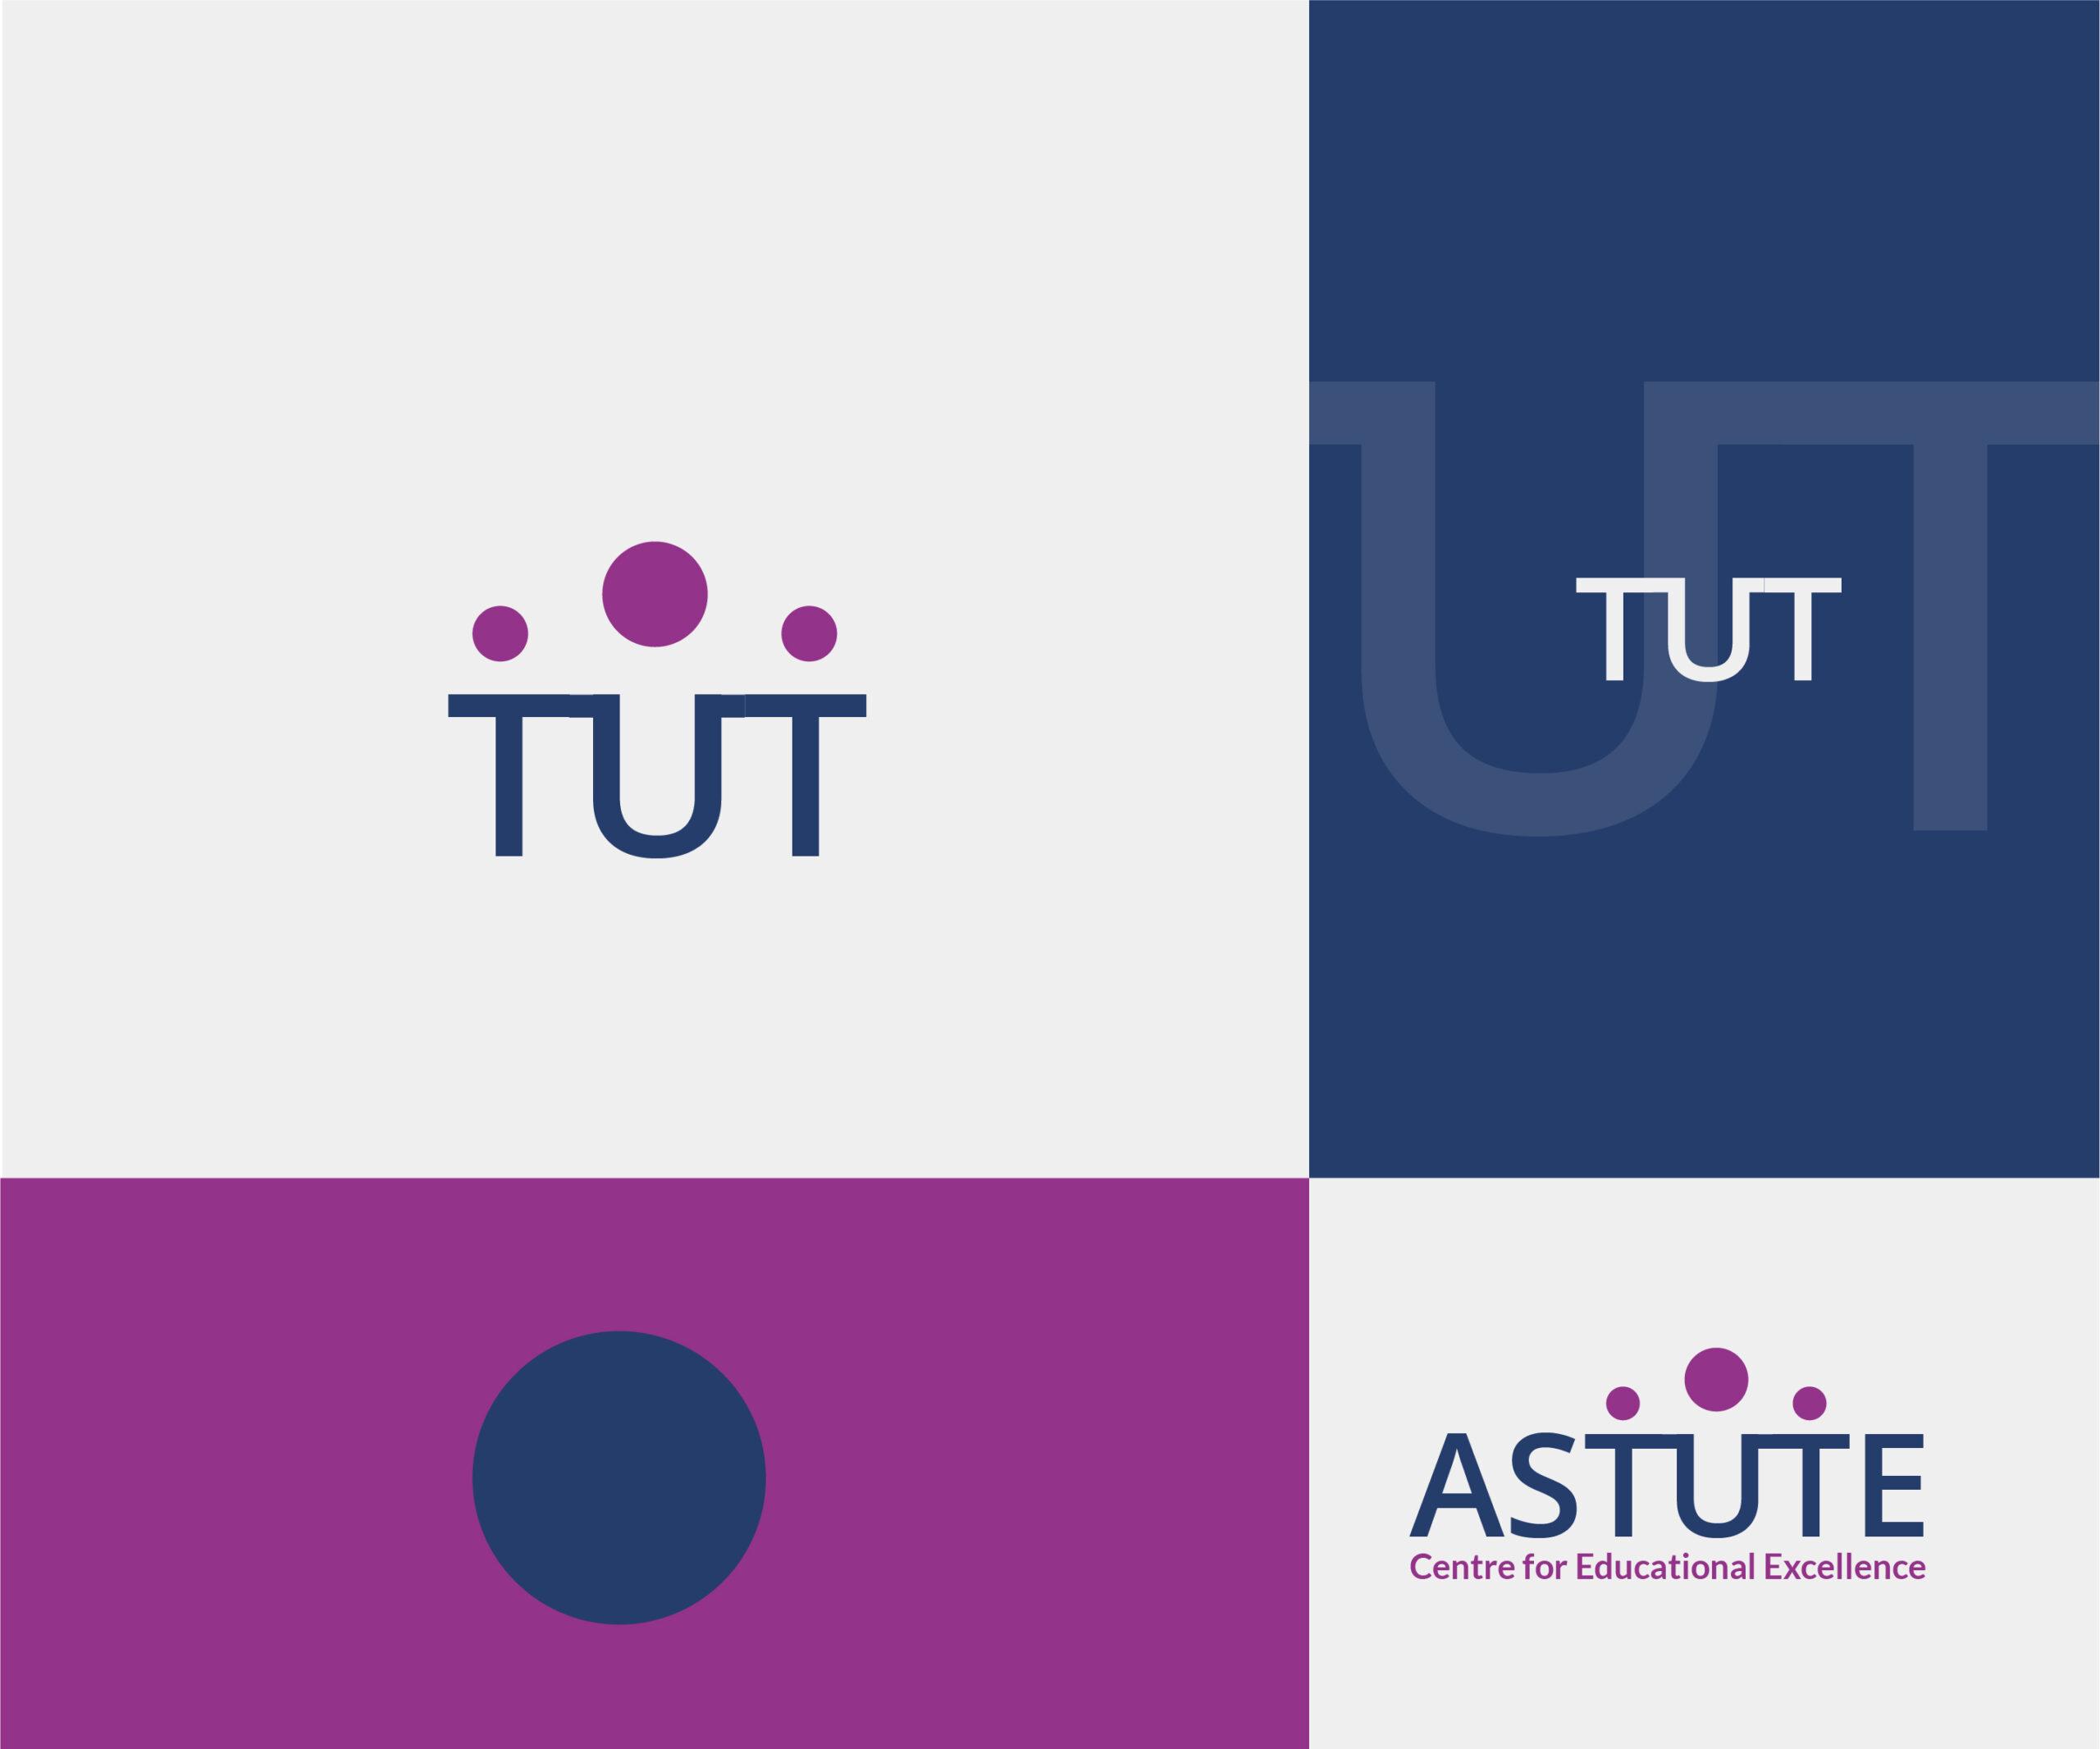 Astute Learning Centre branding